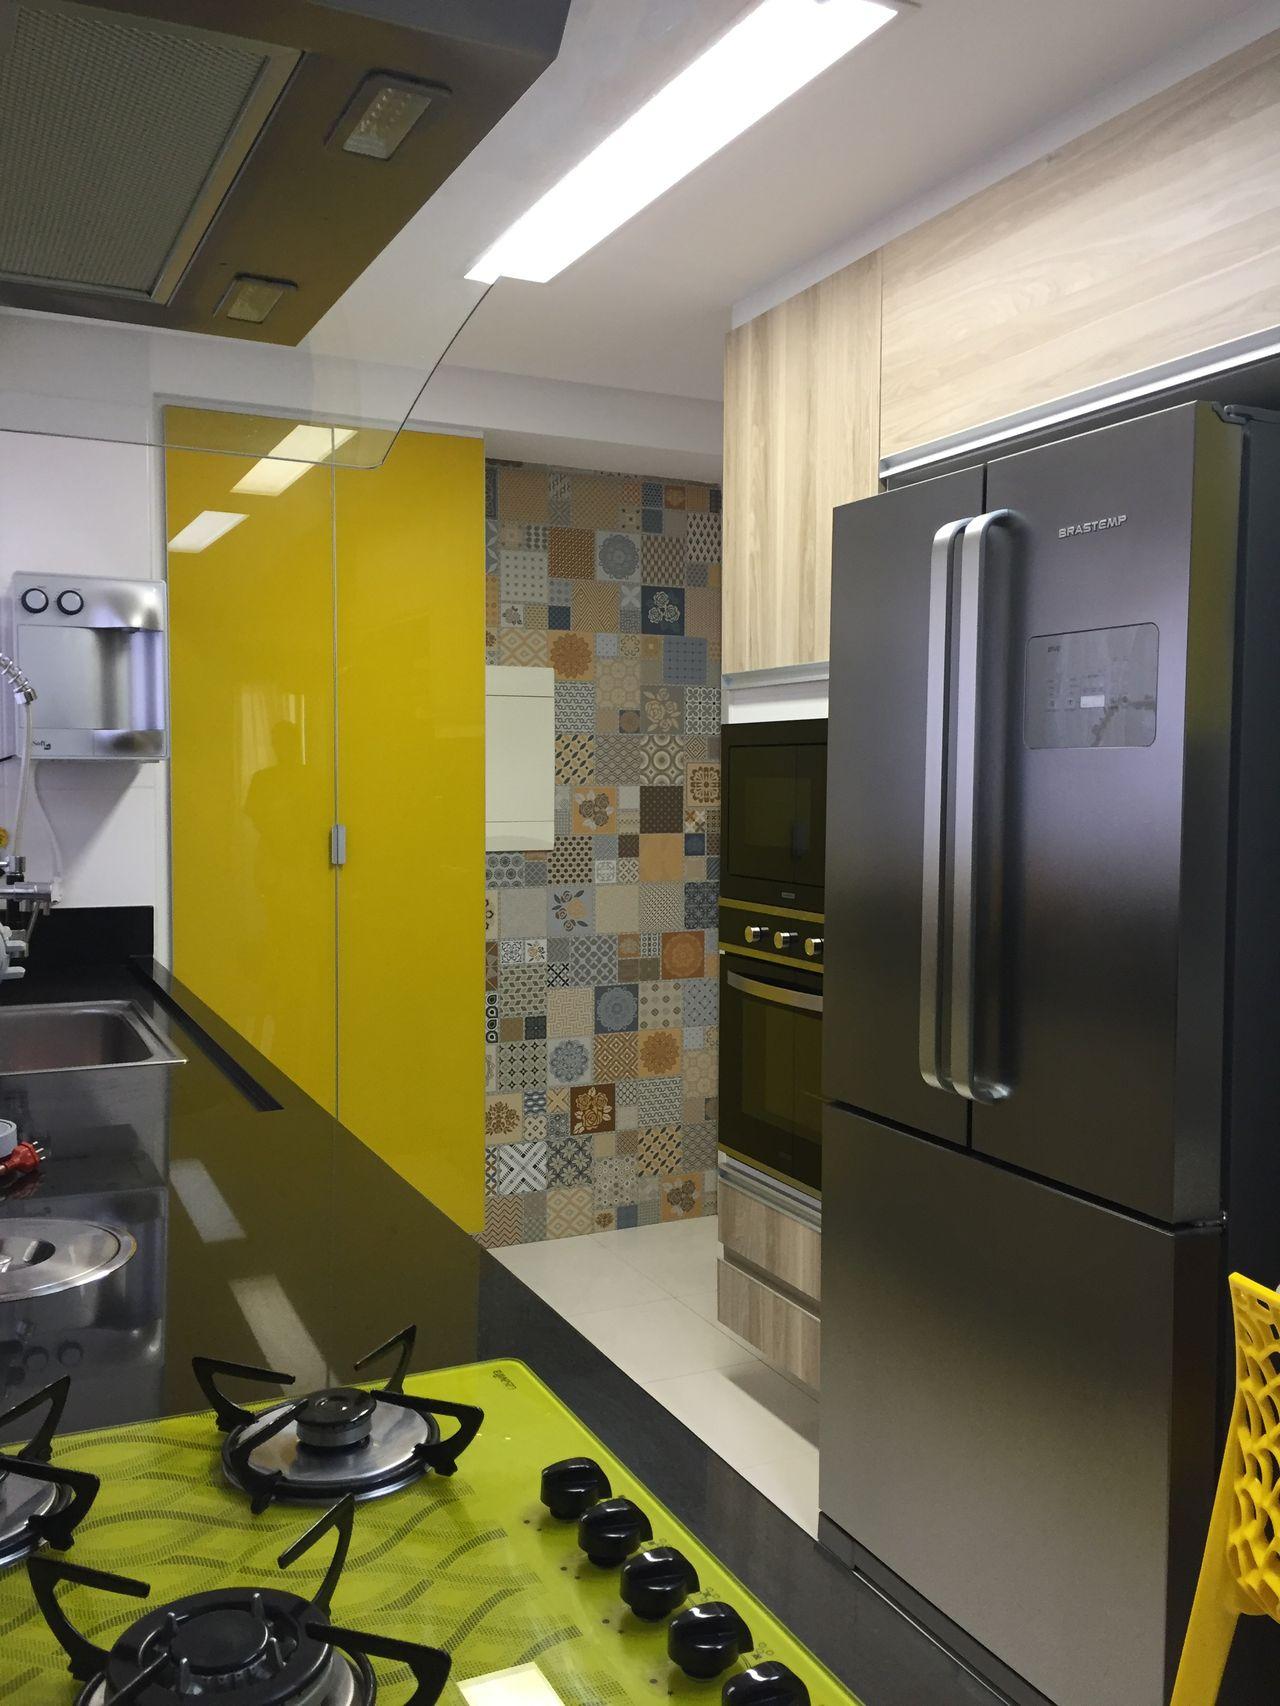 Cozinha Moderna Com Cooktop E Arm Rio Amarelos De Marcia Rubinatti